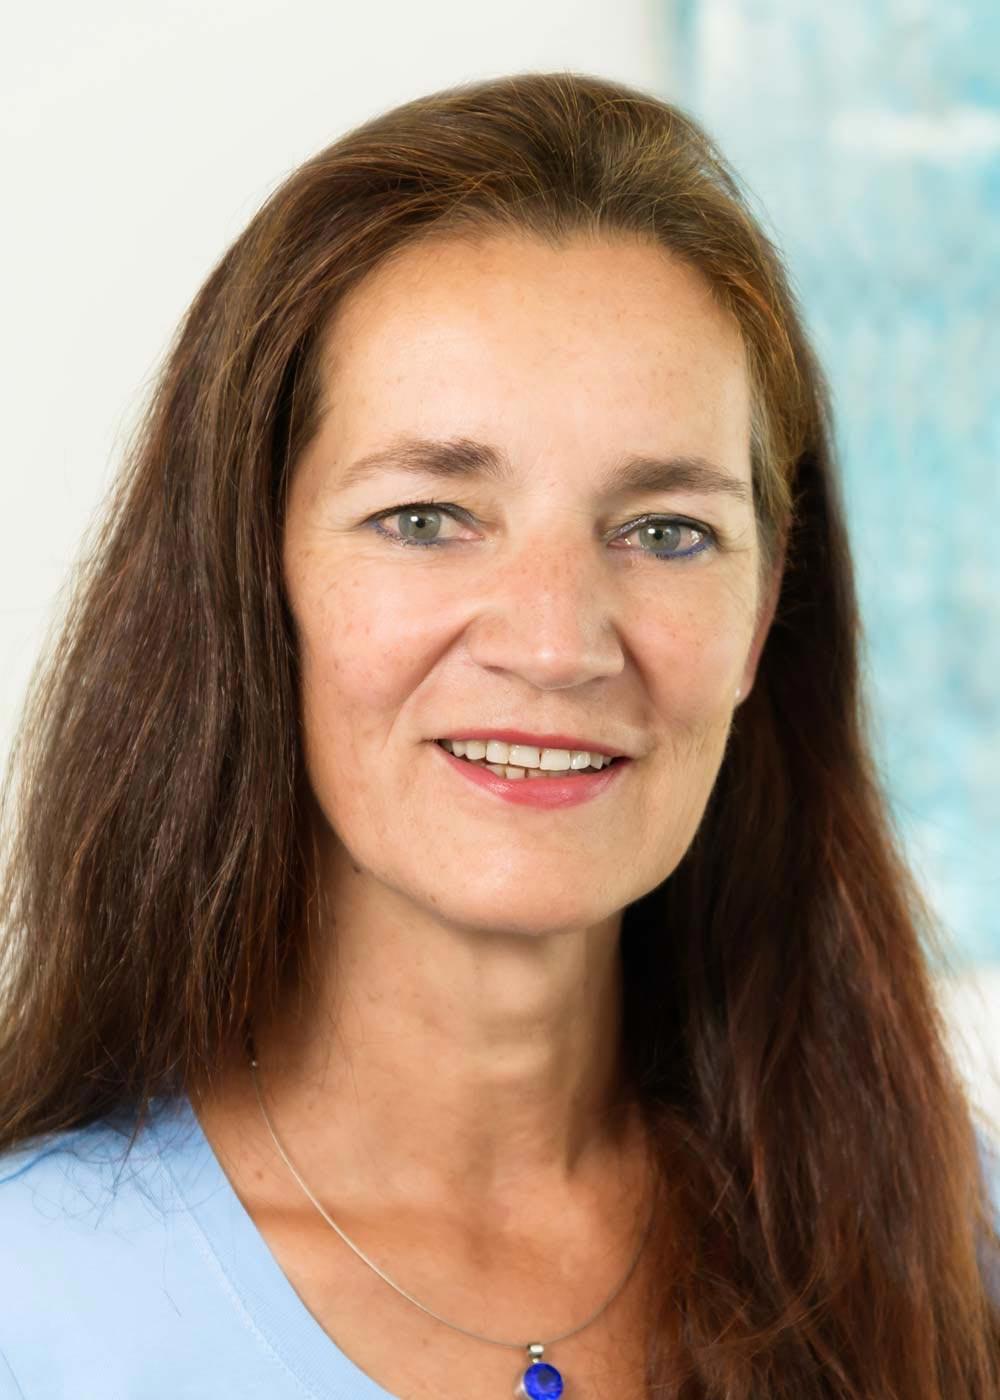 Annette Binner